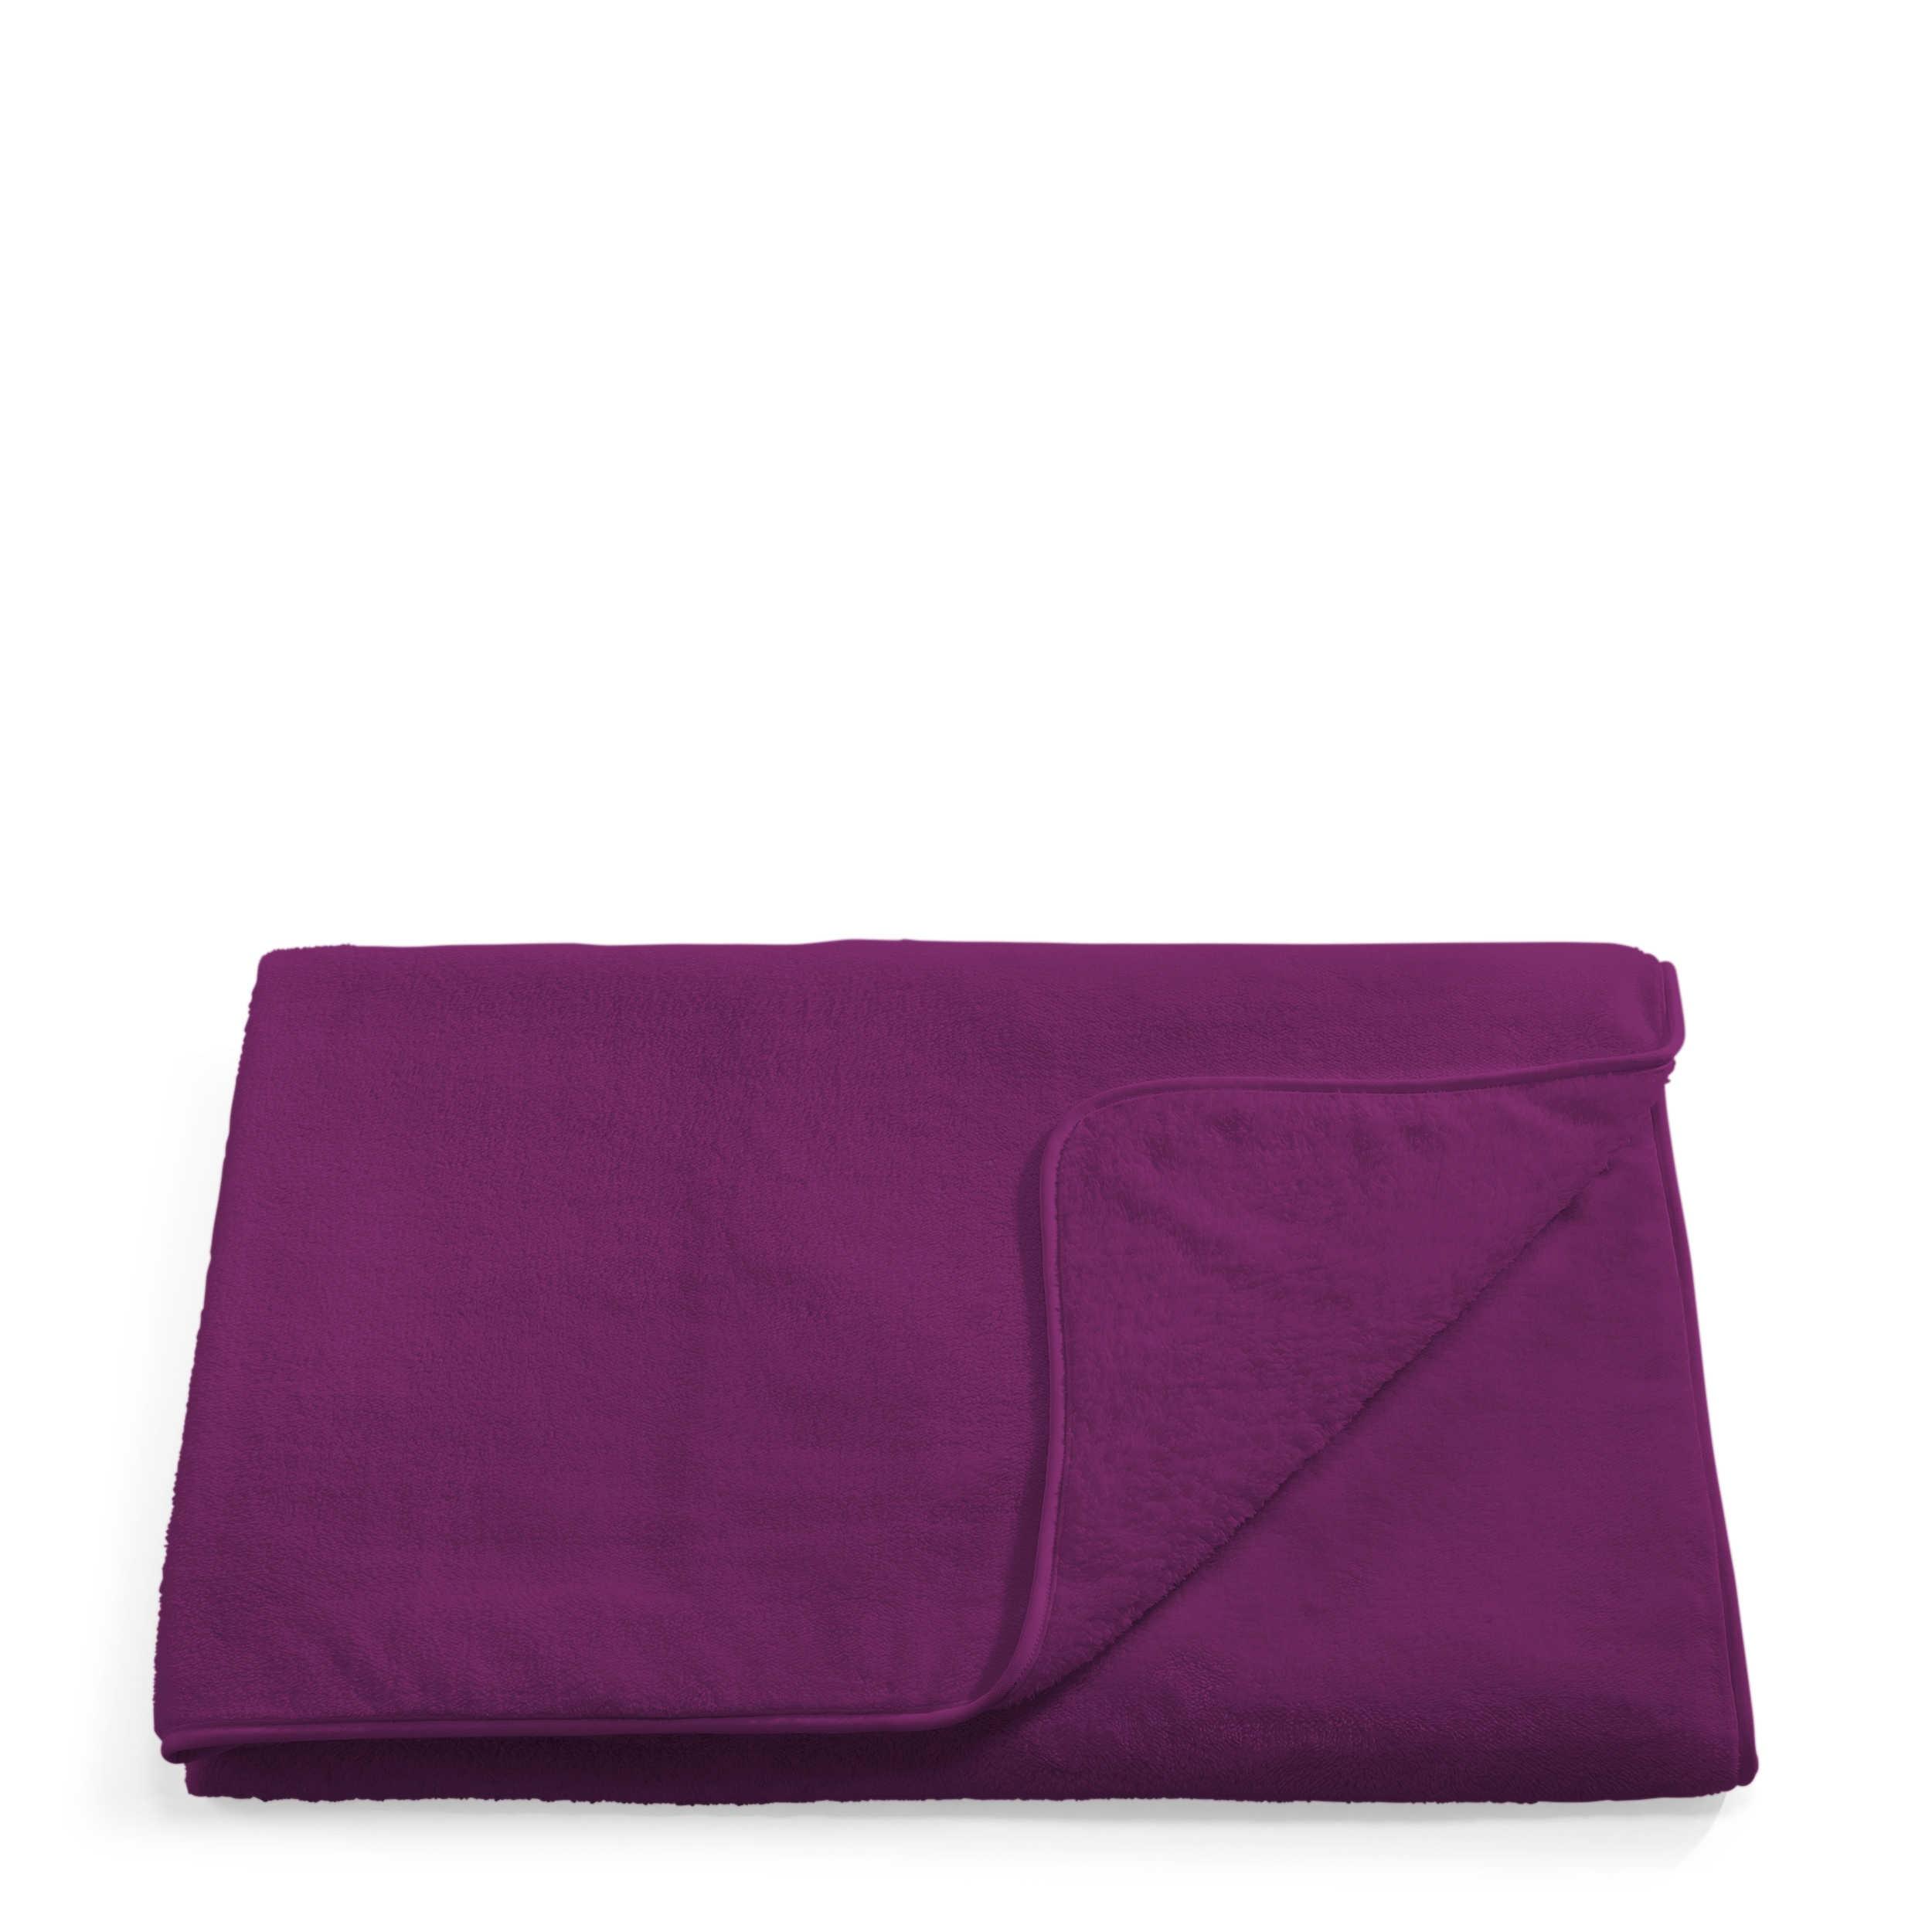 s oliver kuscheldecke wellsoft 150 x 200 cm lila polyester 150 x 200 cm online kaufen bei woonio. Black Bedroom Furniture Sets. Home Design Ideas